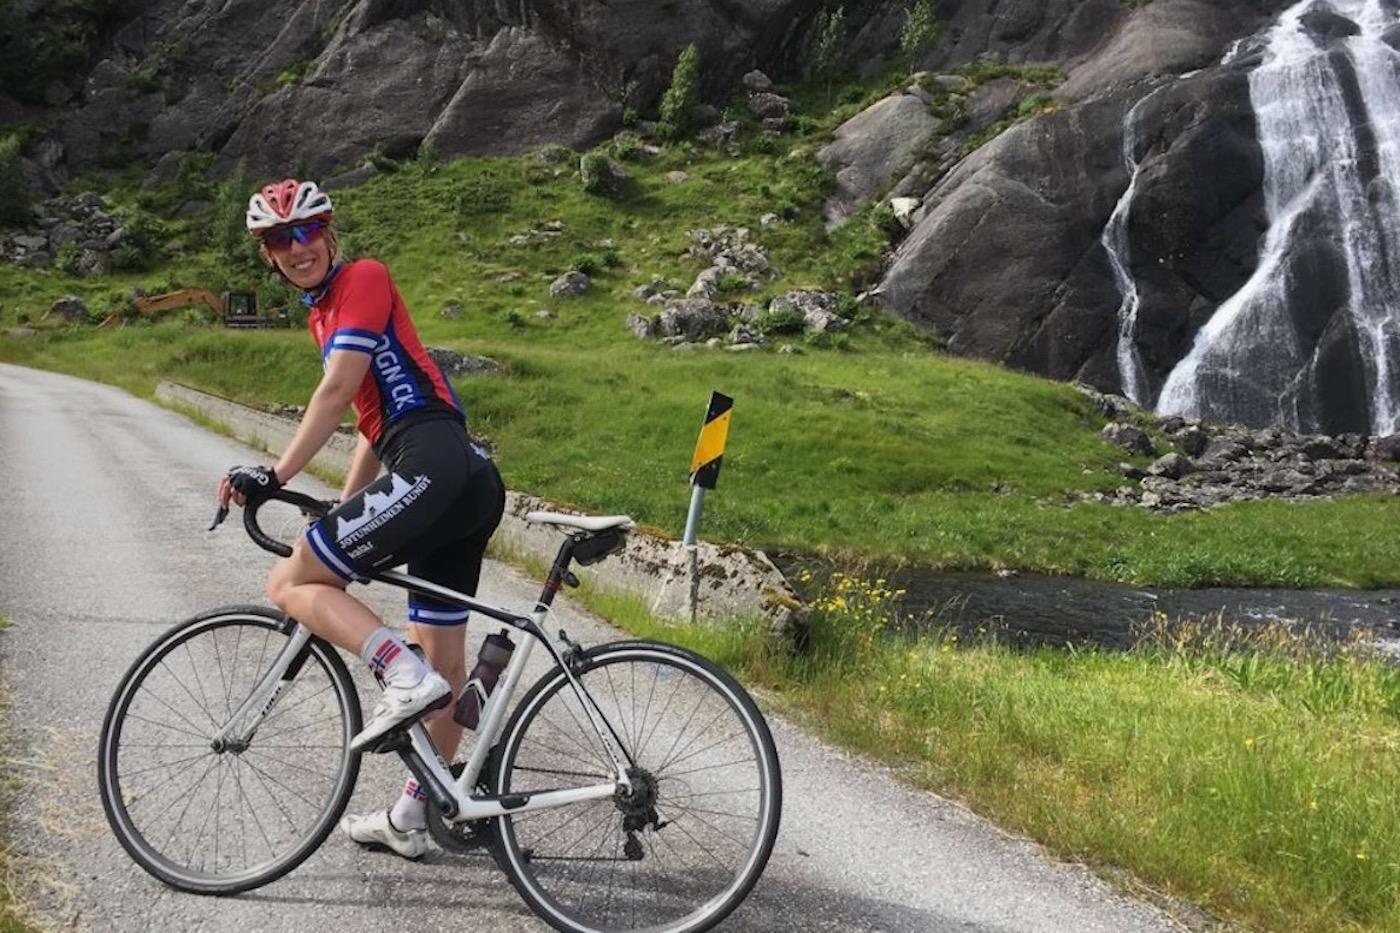 RITTLEDER: Solveig Nordengen er ny rittleder i Jotunheimen Rundt. Foto: Privat